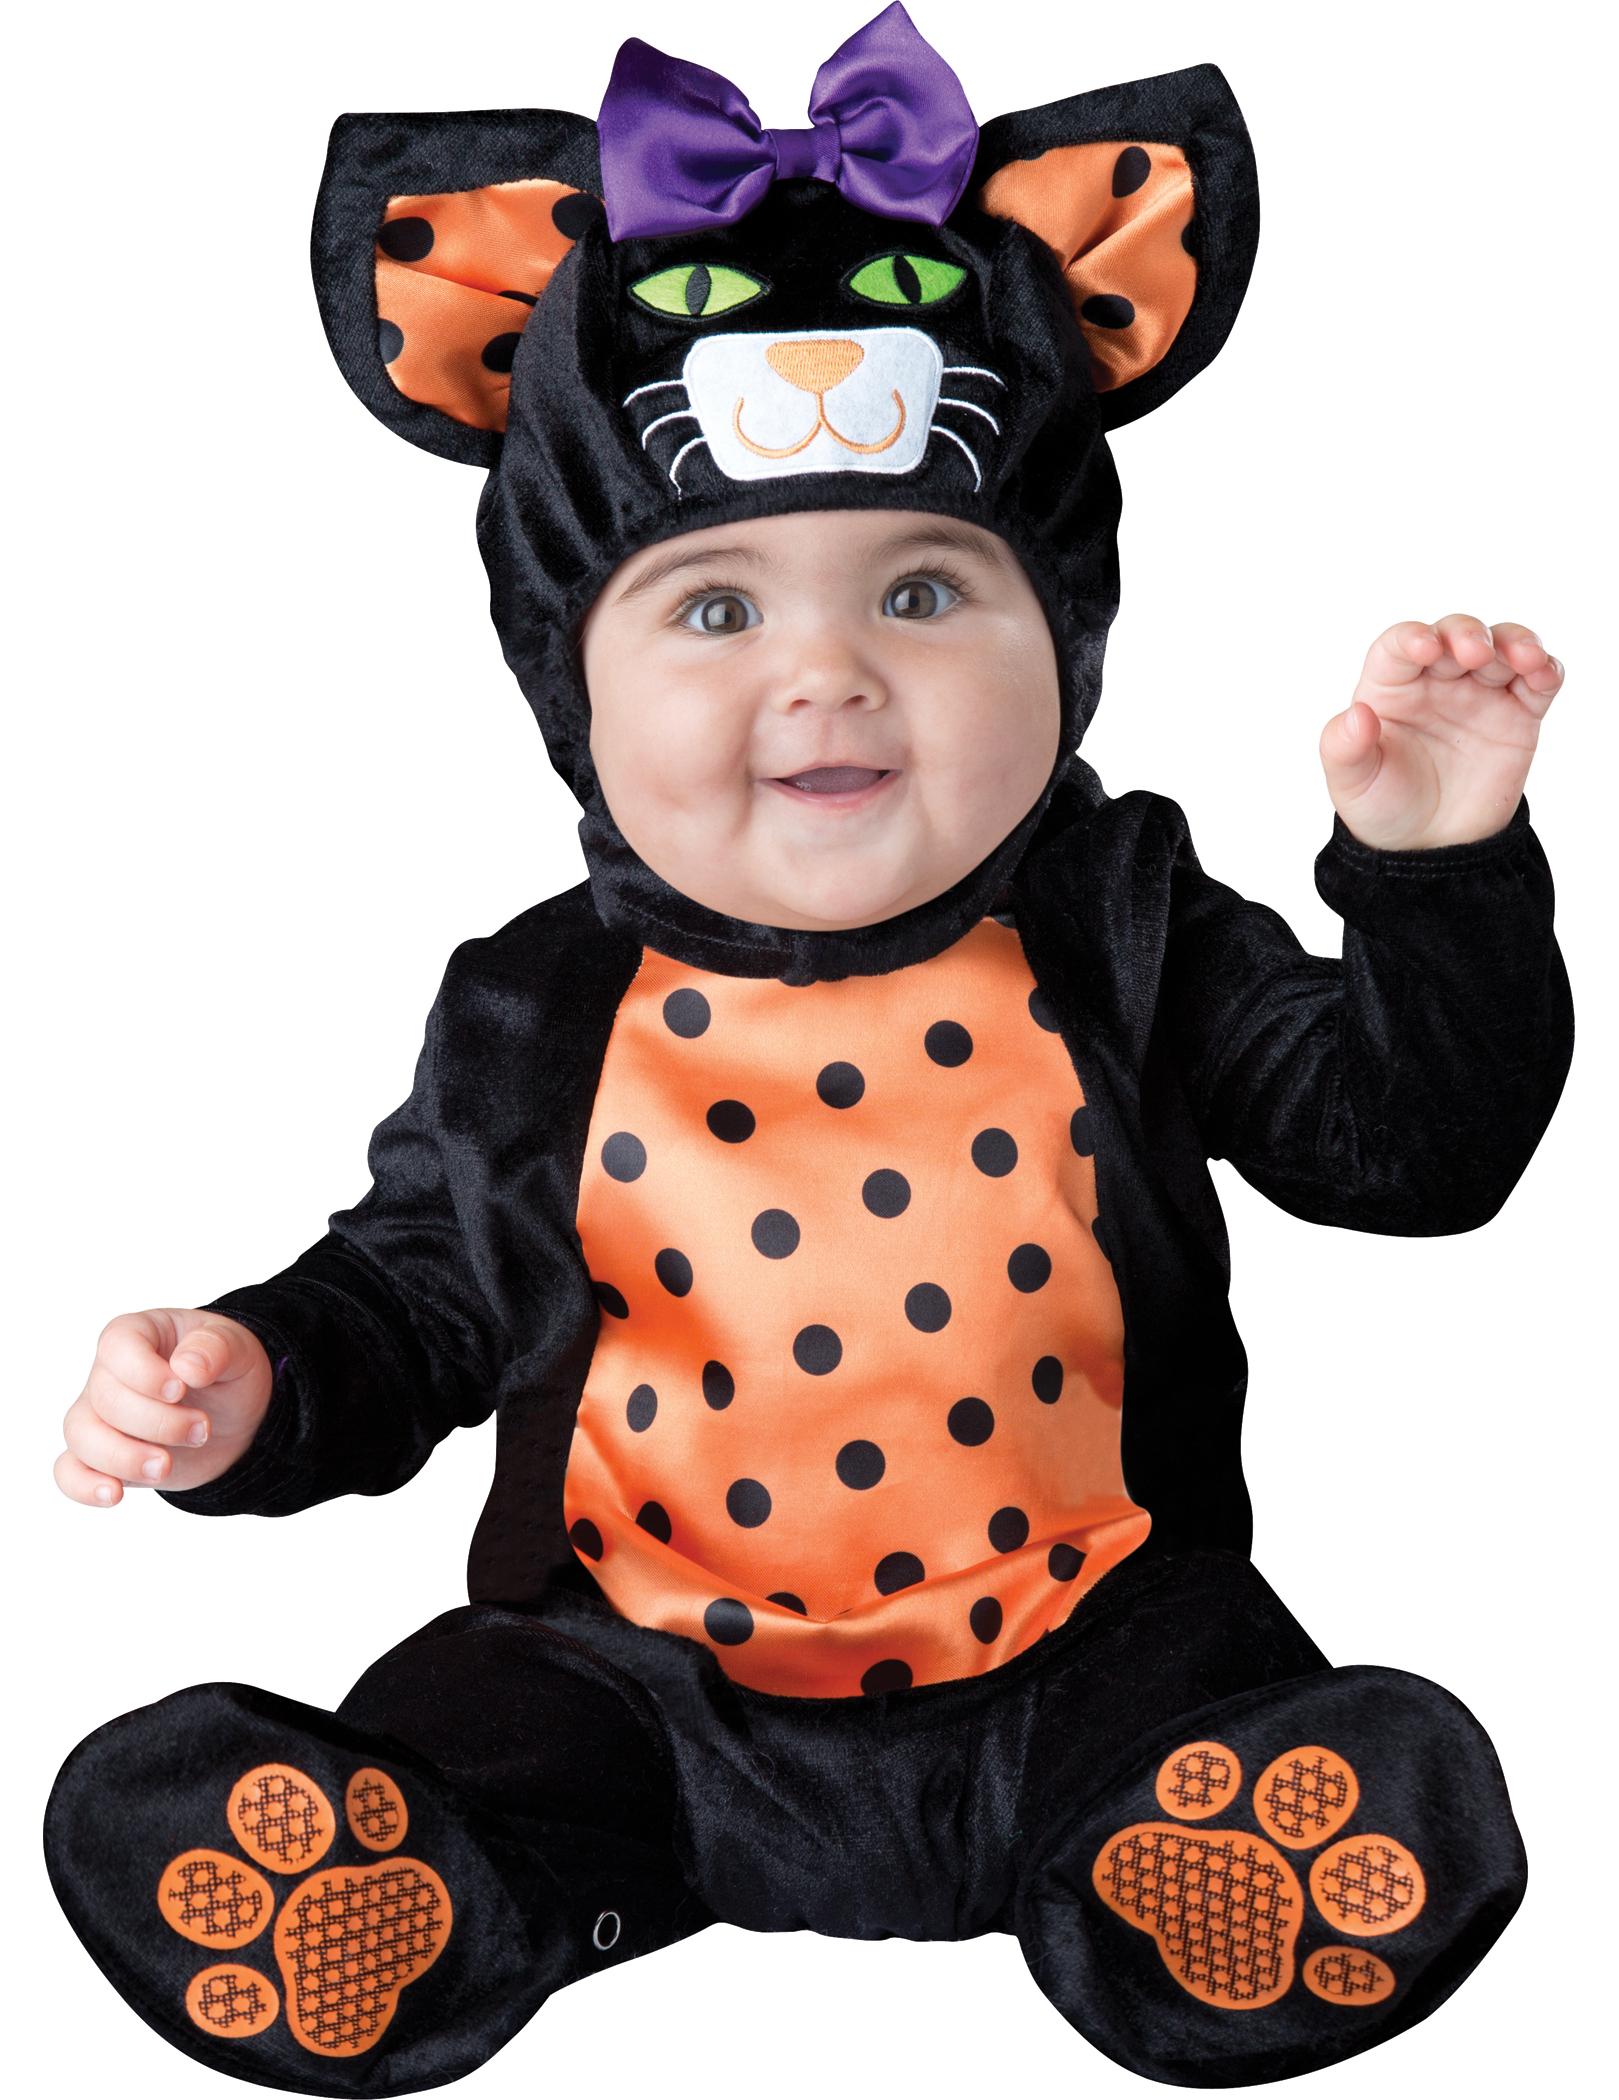 4f94f4017c035 Costume gattino per neonato   bambino - Classico  Costumi bambini